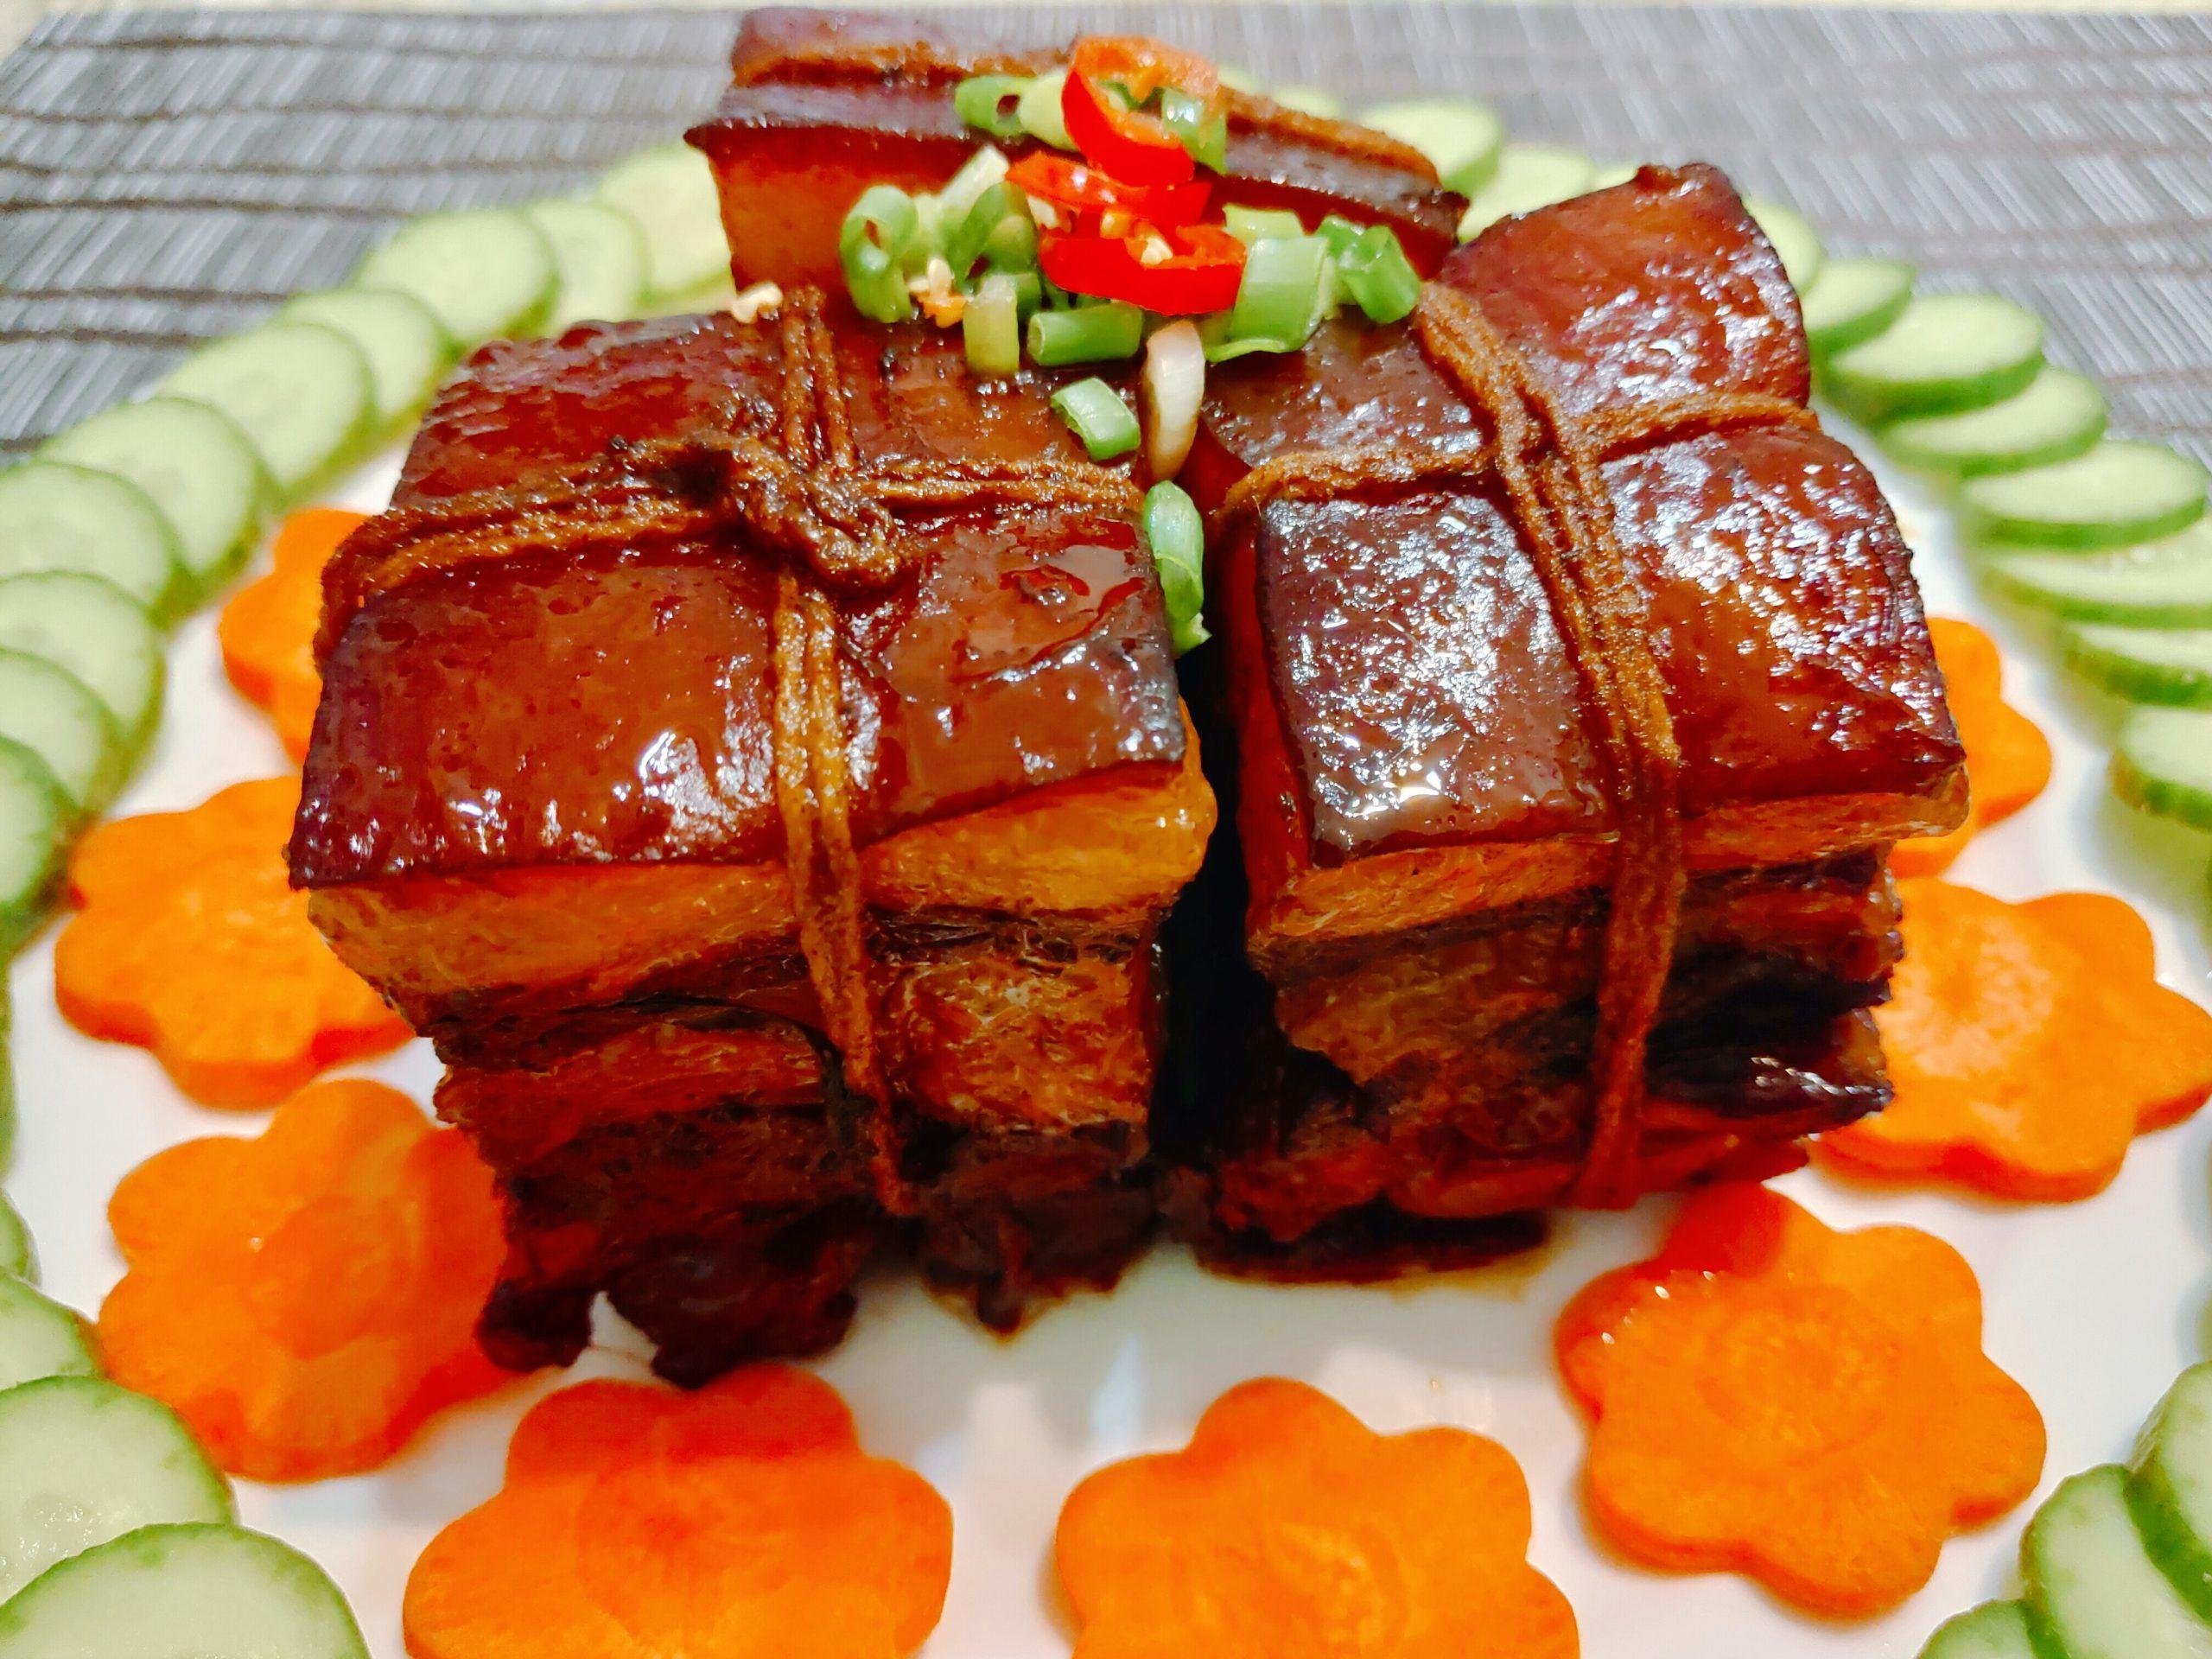 【食譜】東坡肉|零失敗簡單版,入口即化又美味的江浙名菜輕鬆在家做